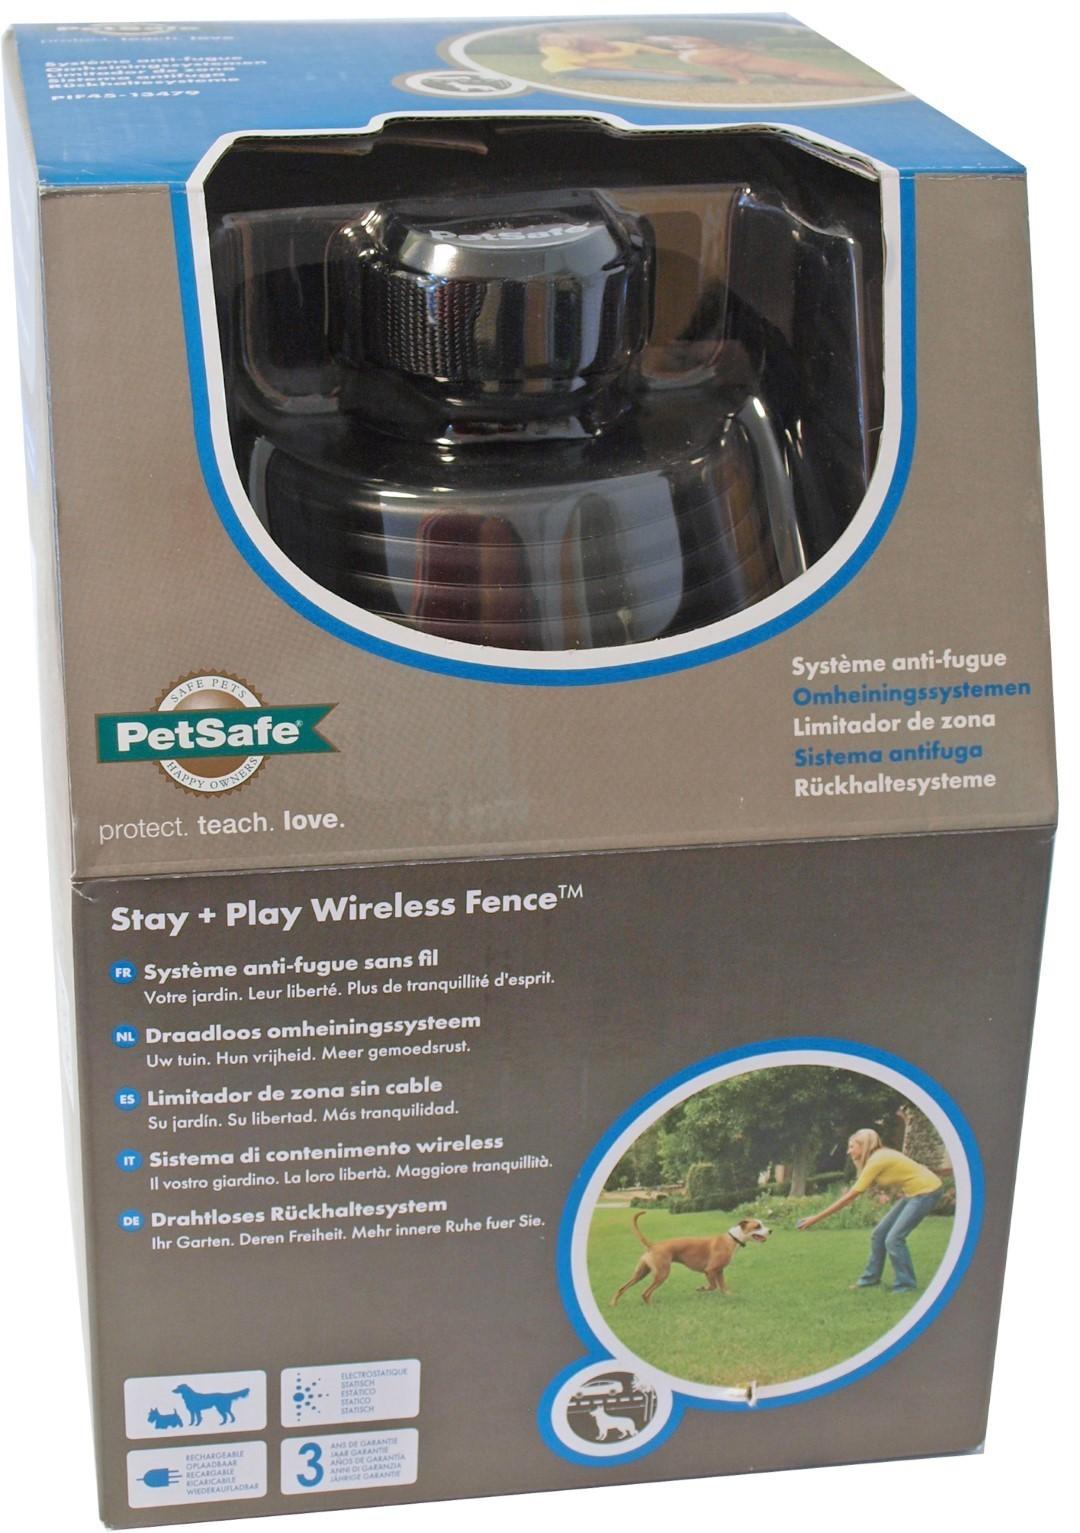 PetSafe wireless fence PIF45-13479